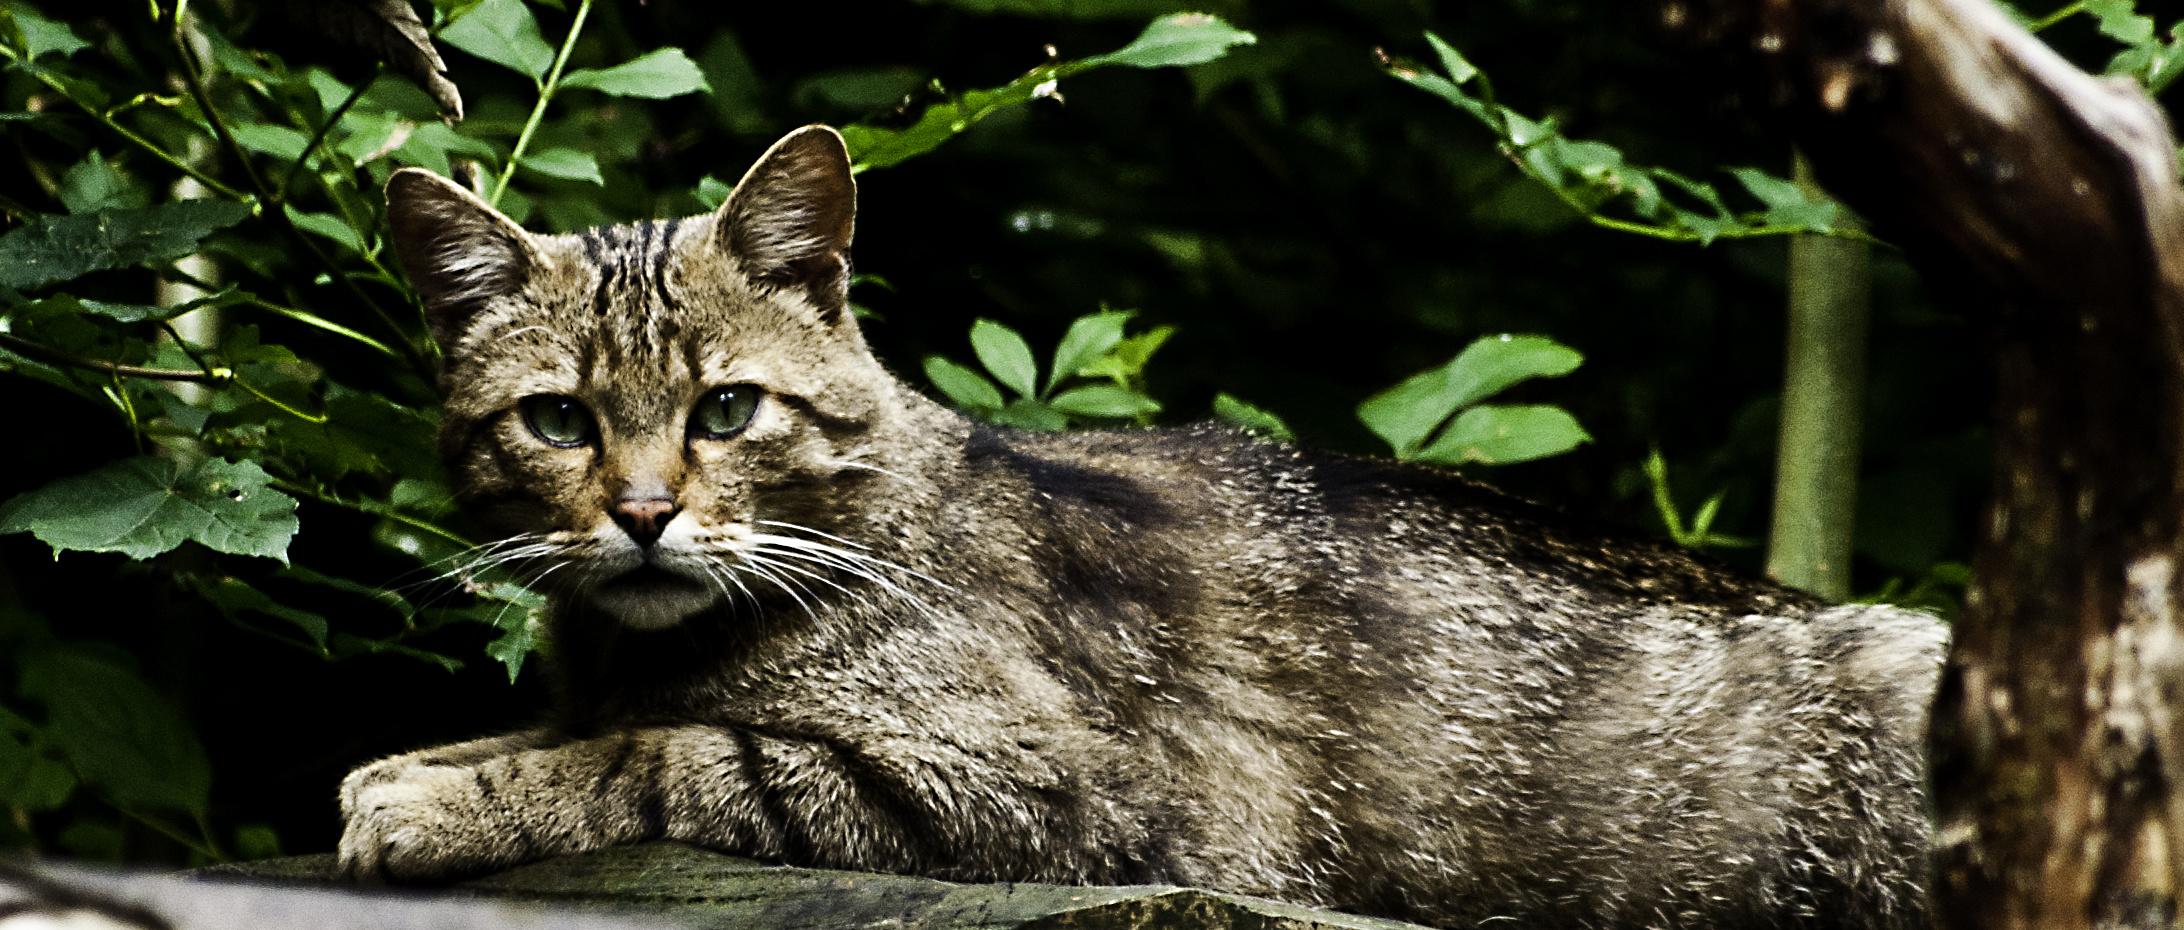 Europäische Wildkatze